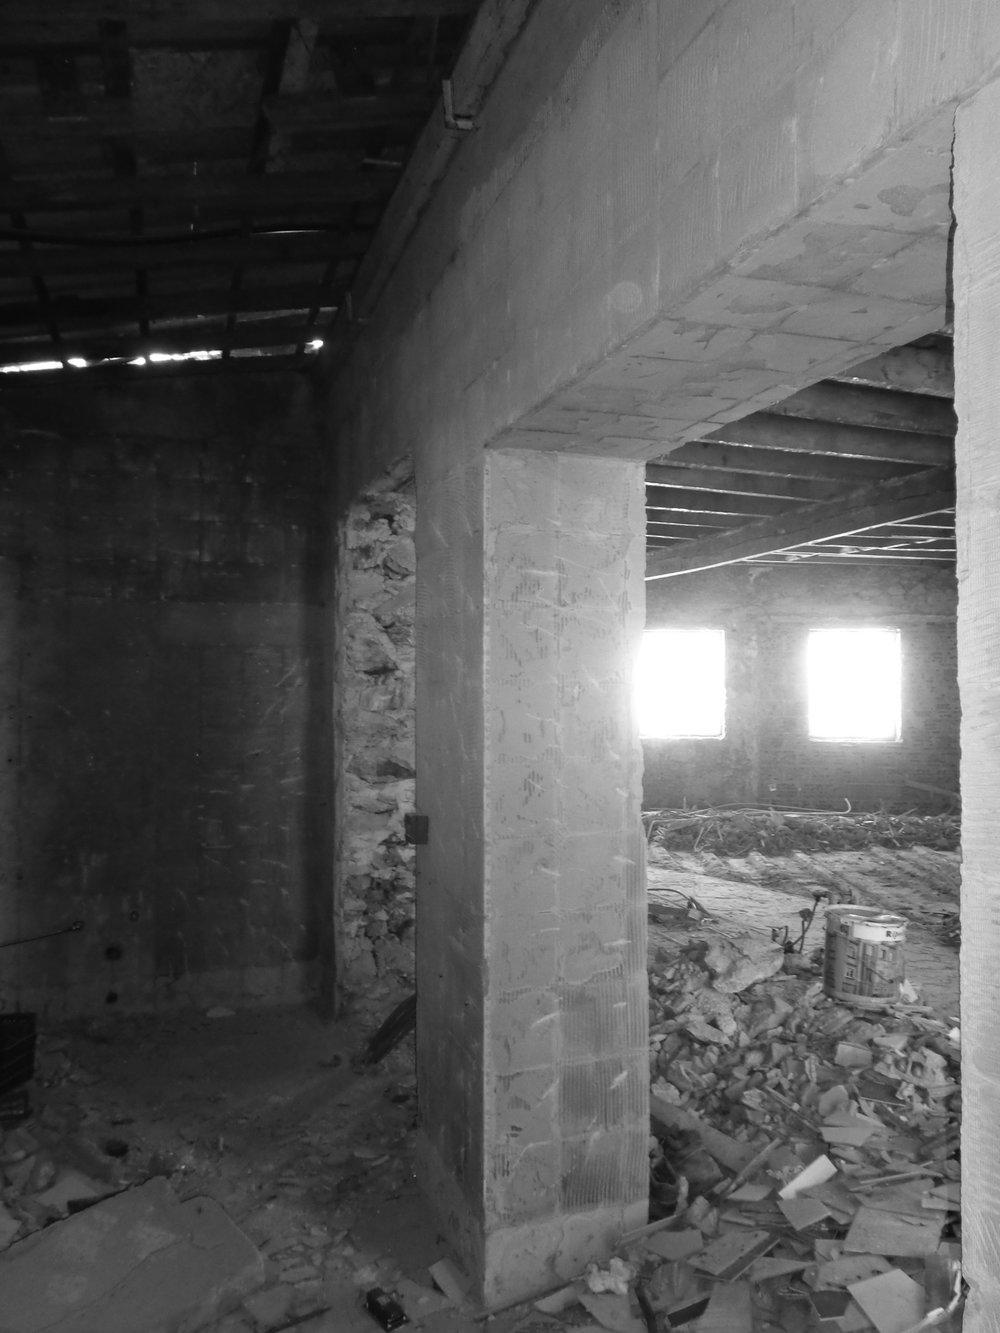 decoracao de interiores sao joao da madeira : decoracao de interiores sao joao da madeira: – são joão da madeira – remodelação – arquitectos porto (14).jpg